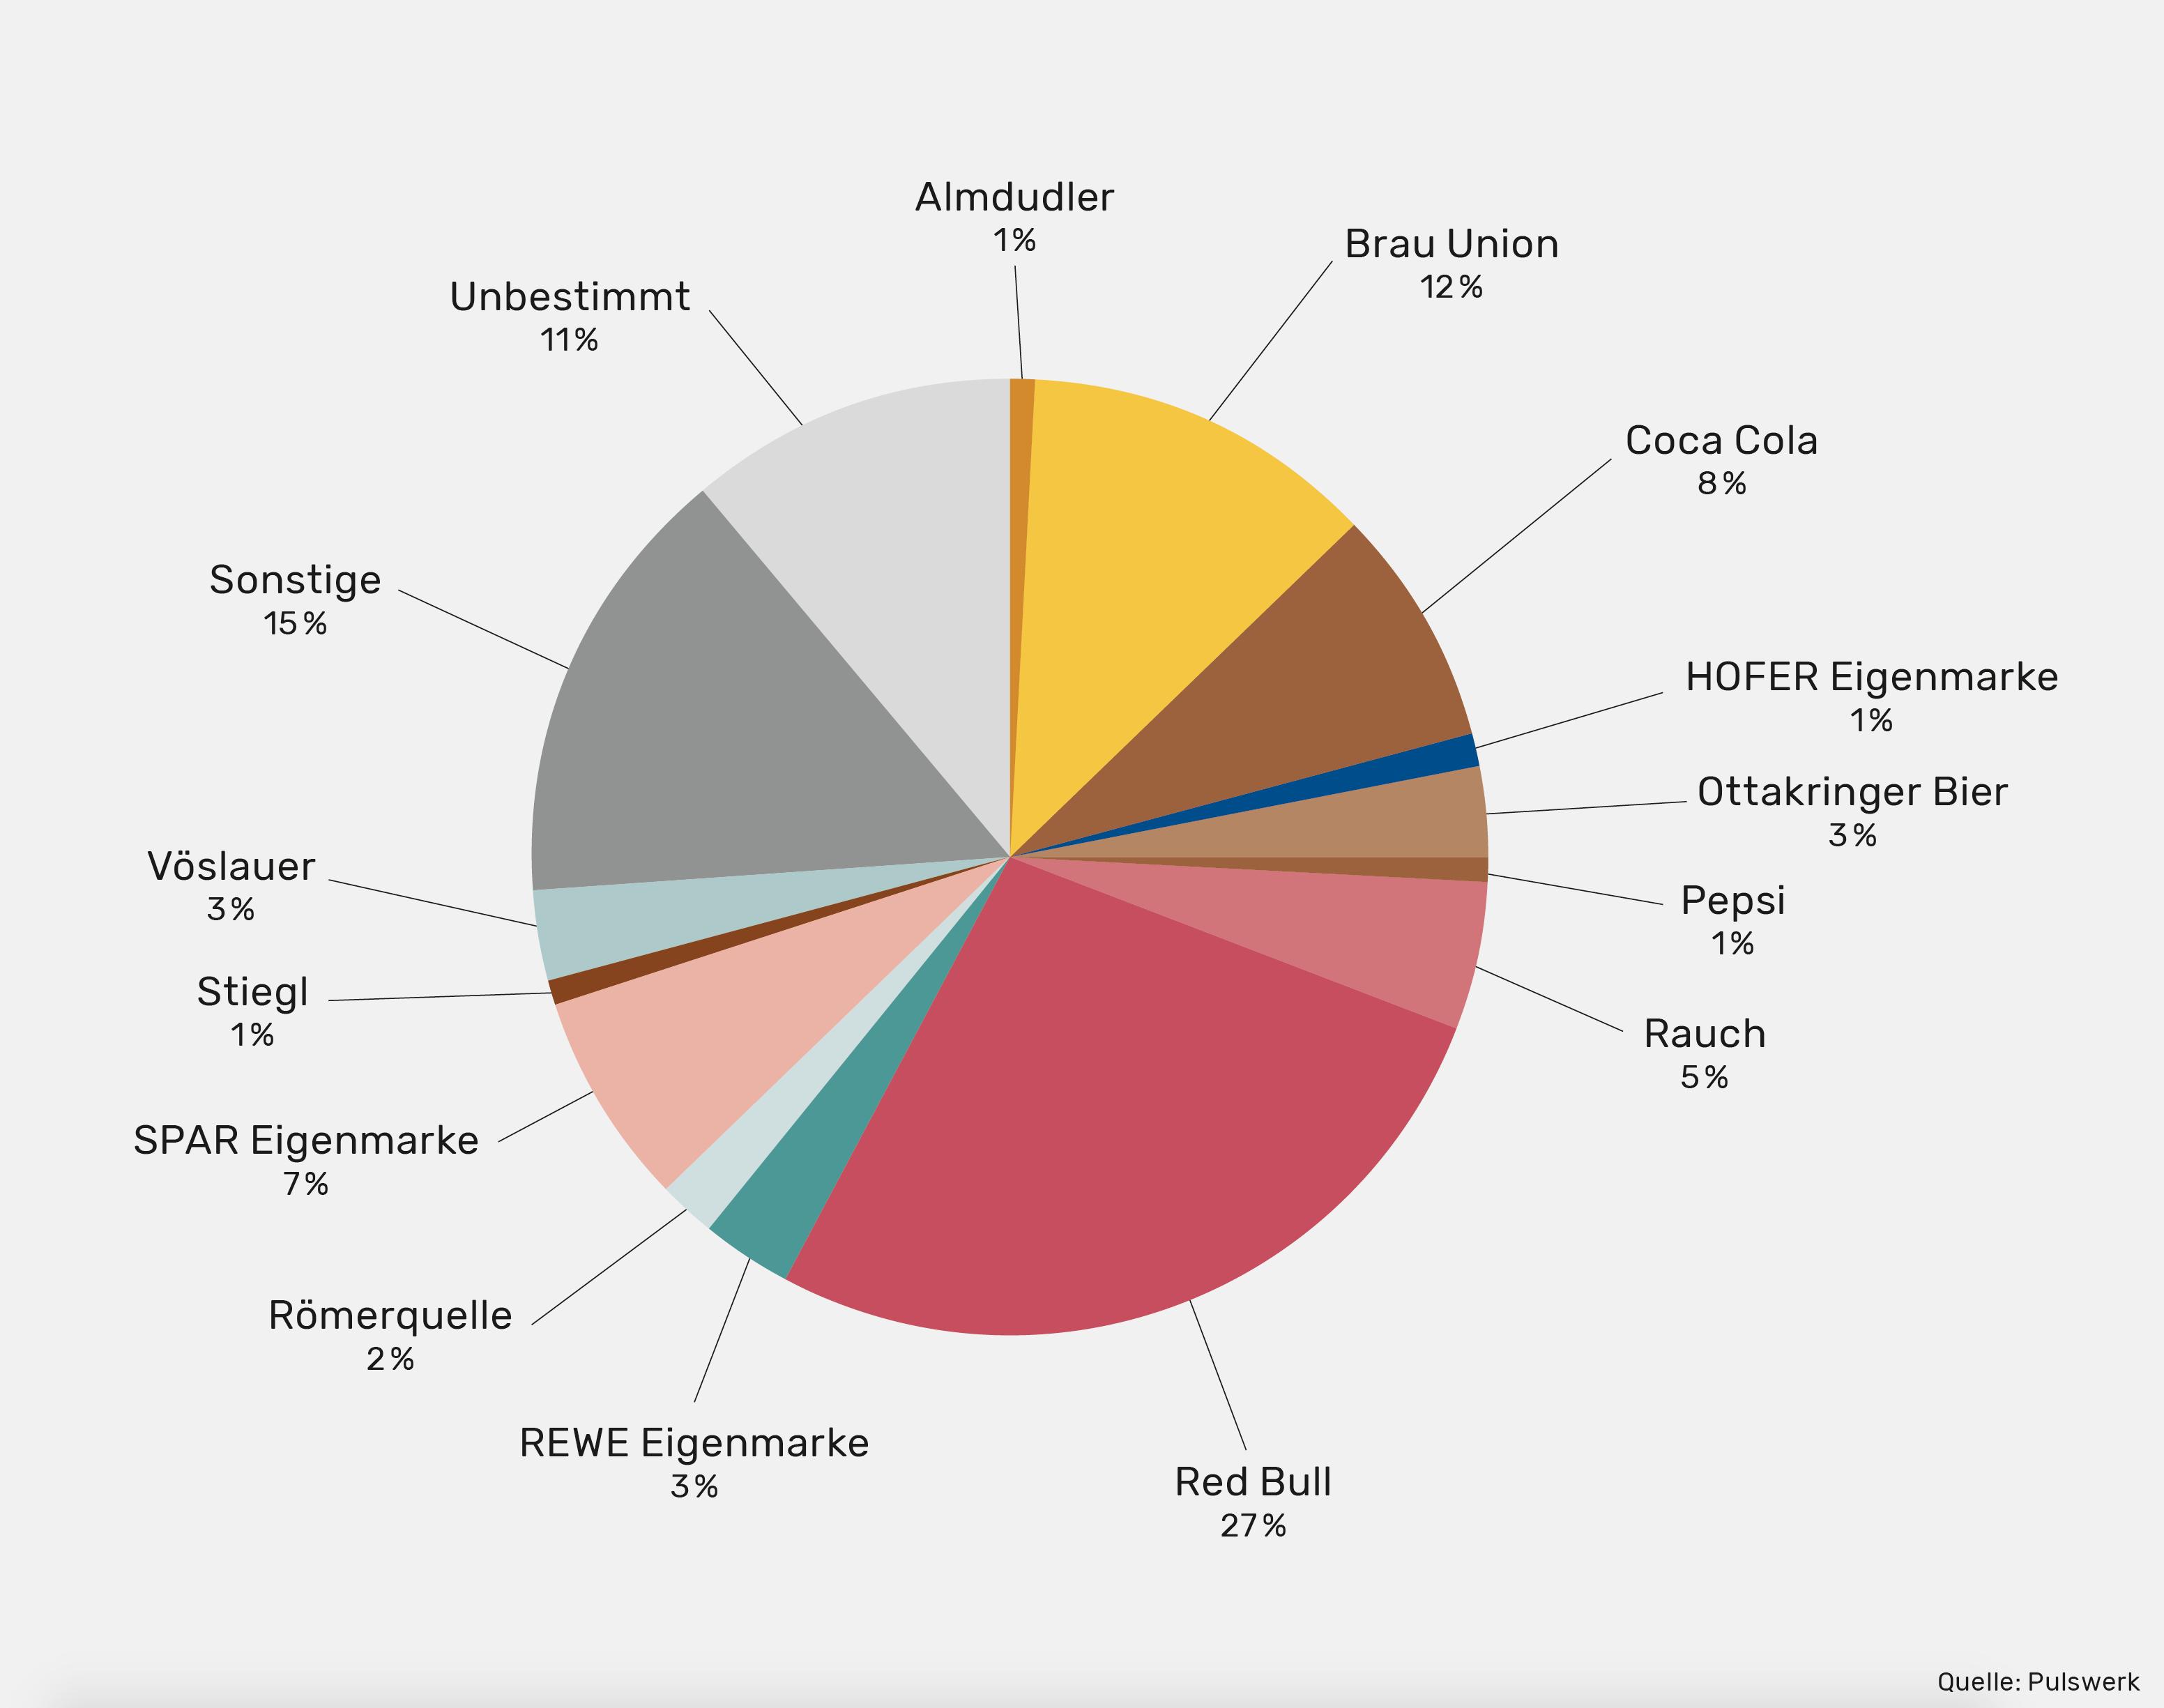 Grafik: Müll in der Natur nach Marken